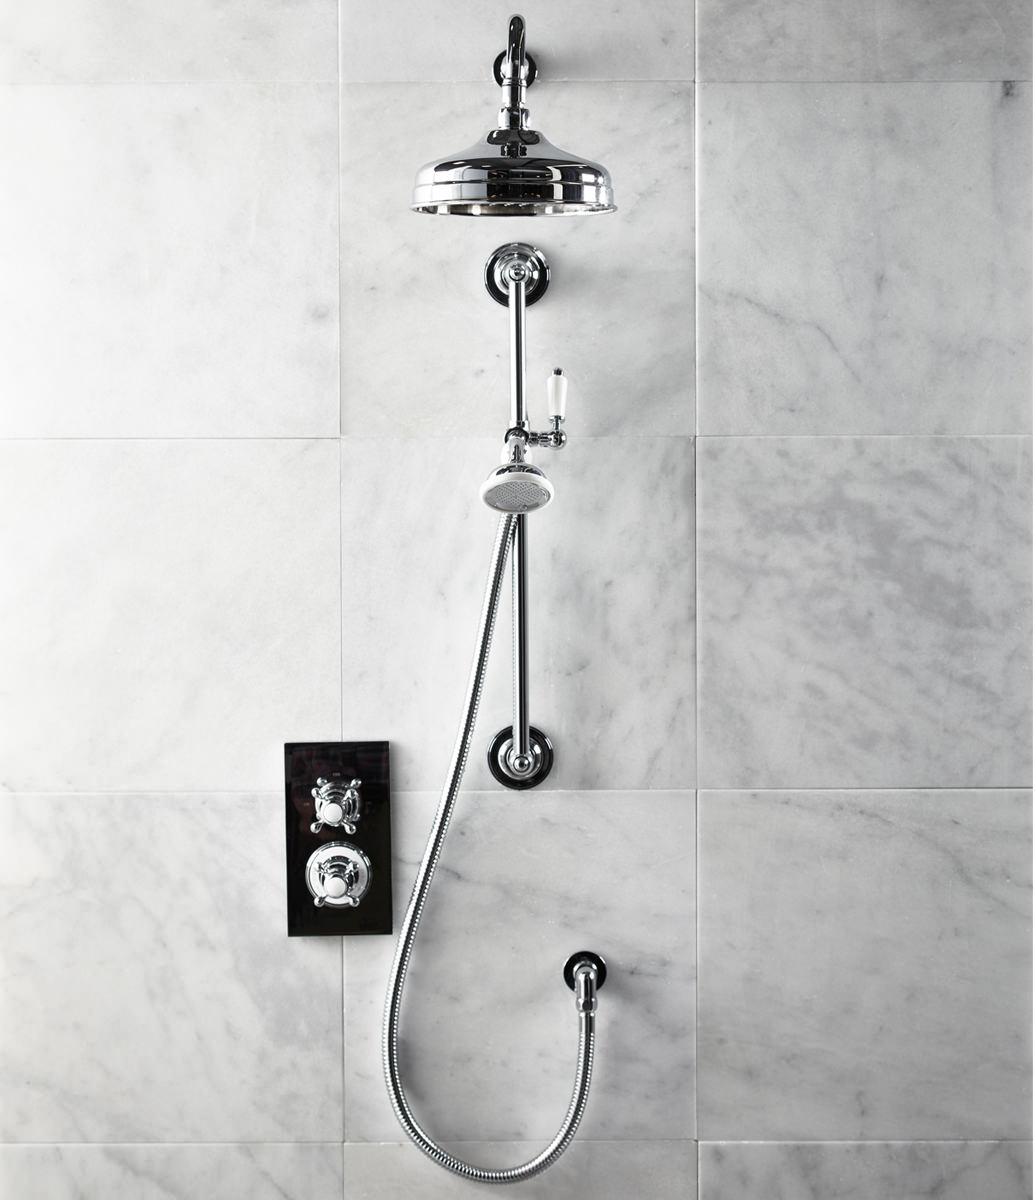 roper rhodes henley dual function concealed shower system. Black Bedroom Furniture Sets. Home Design Ideas